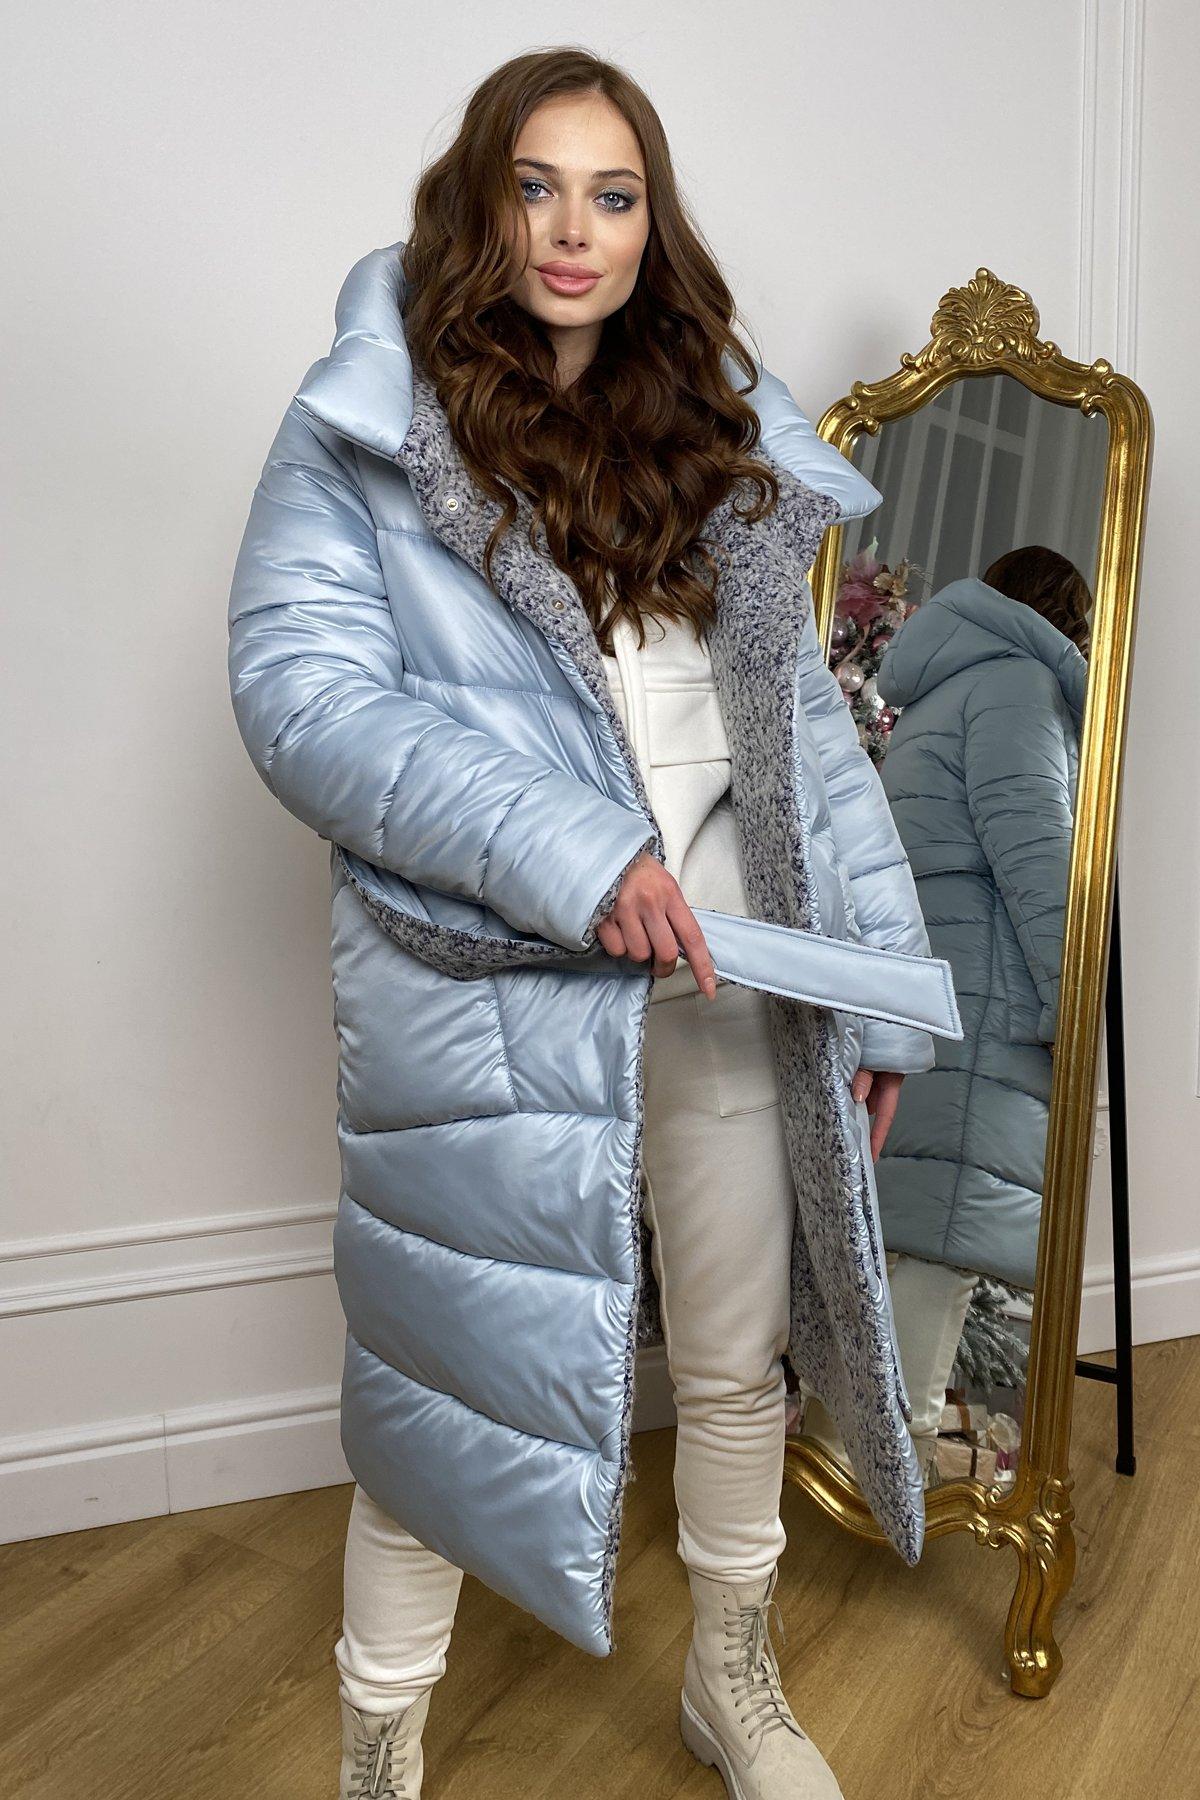 Бристоль плащевка стеганое пальто зима 10099 АРТ. 46407 Цвет: голубой/серый/голубой - фото 2, интернет магазин tm-modus.ru